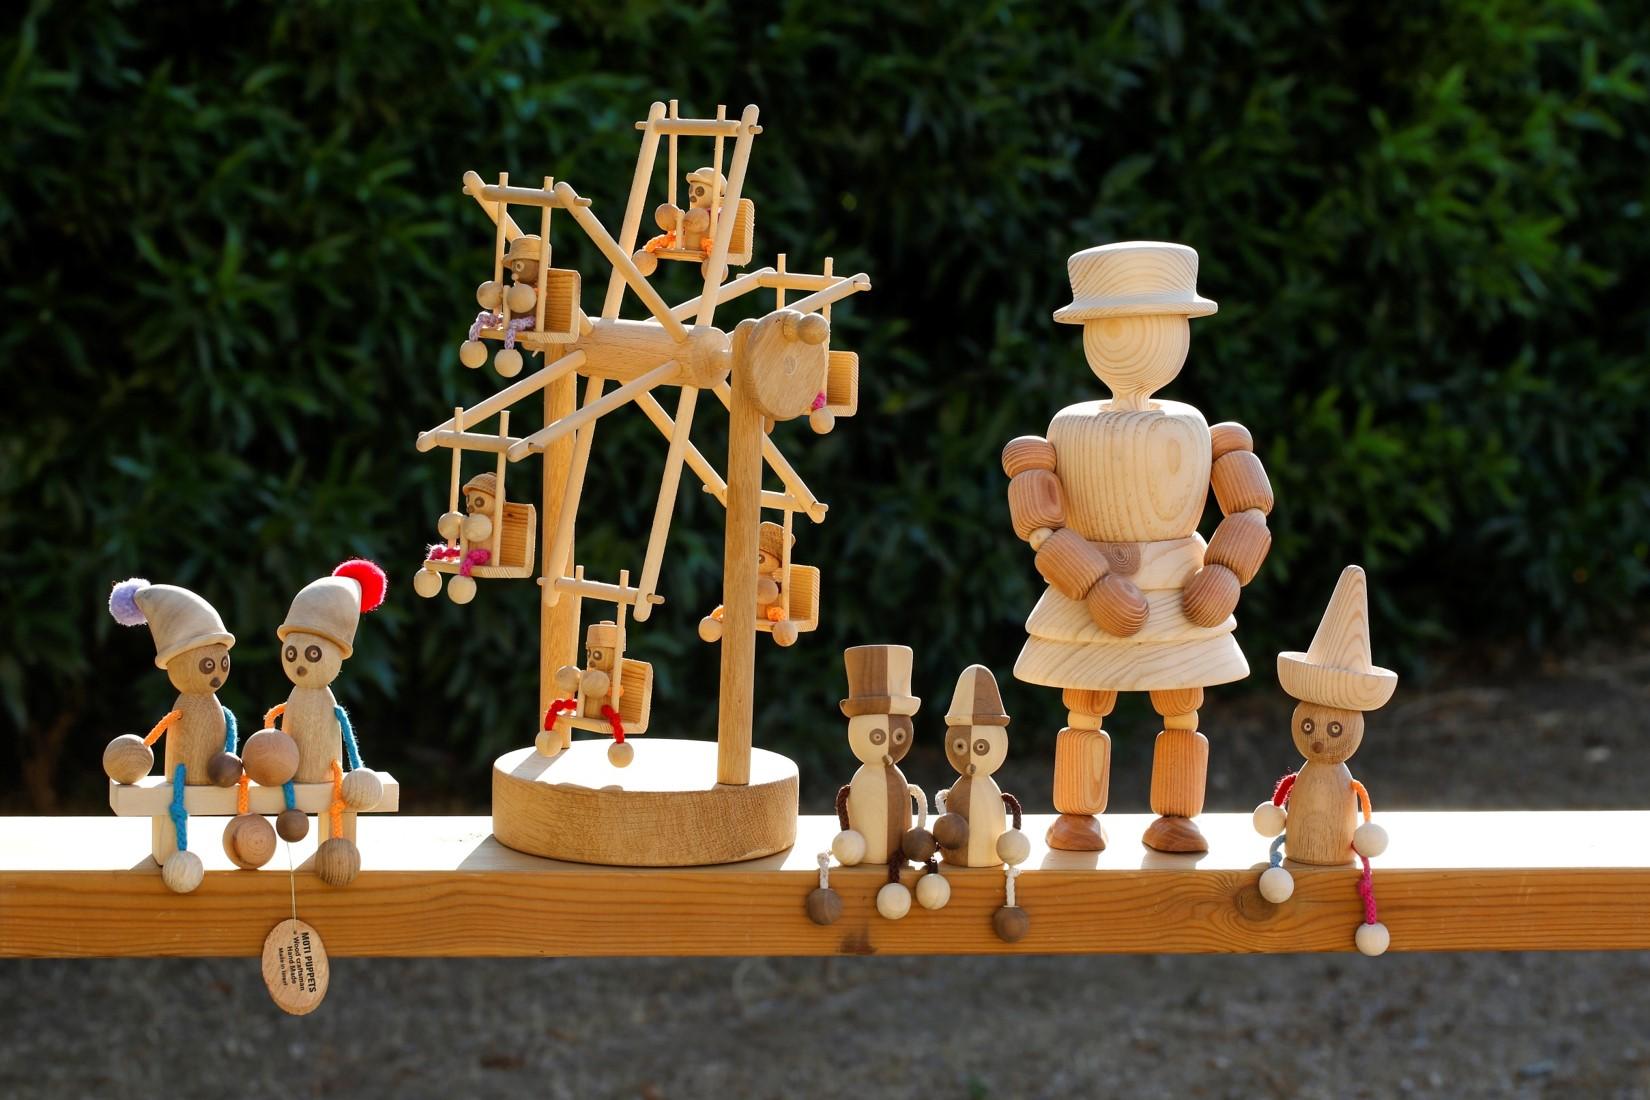 תצוגת הבובות בסדנה (אלעד מאסטרו)